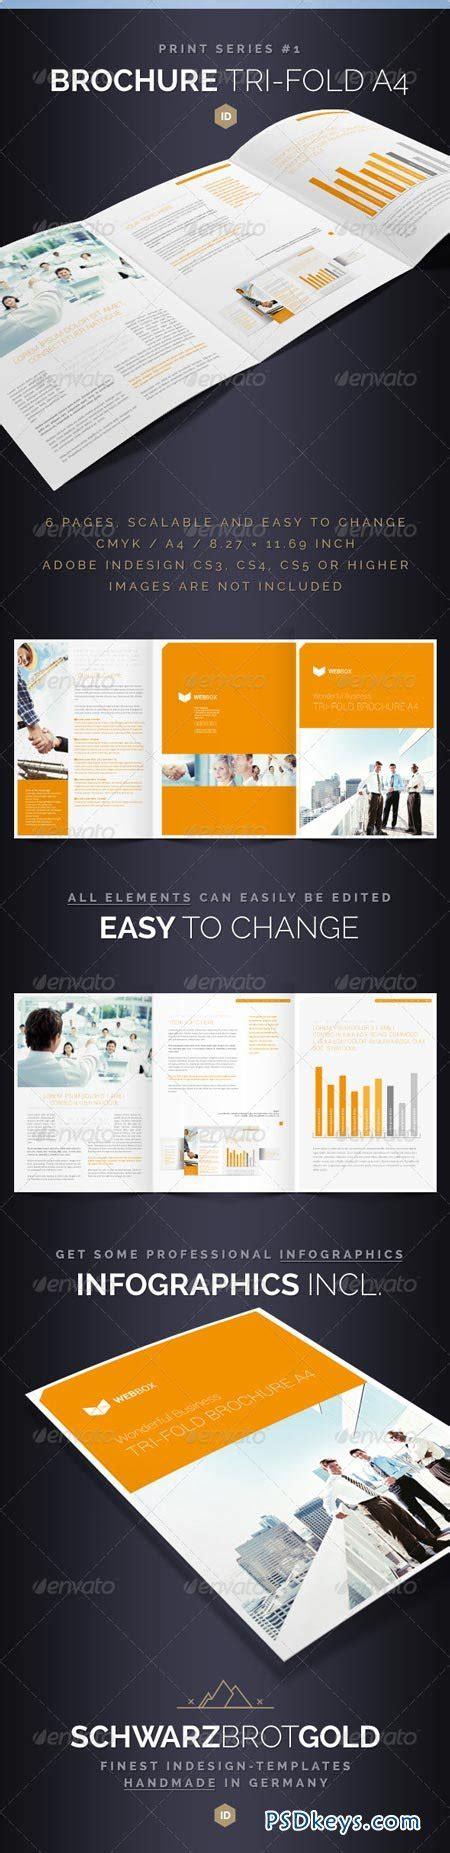 Graphicriver Brochure Tri Fold A4 Series 1 Brochure Tri Fold A4 Series 1 6506783 187 Free